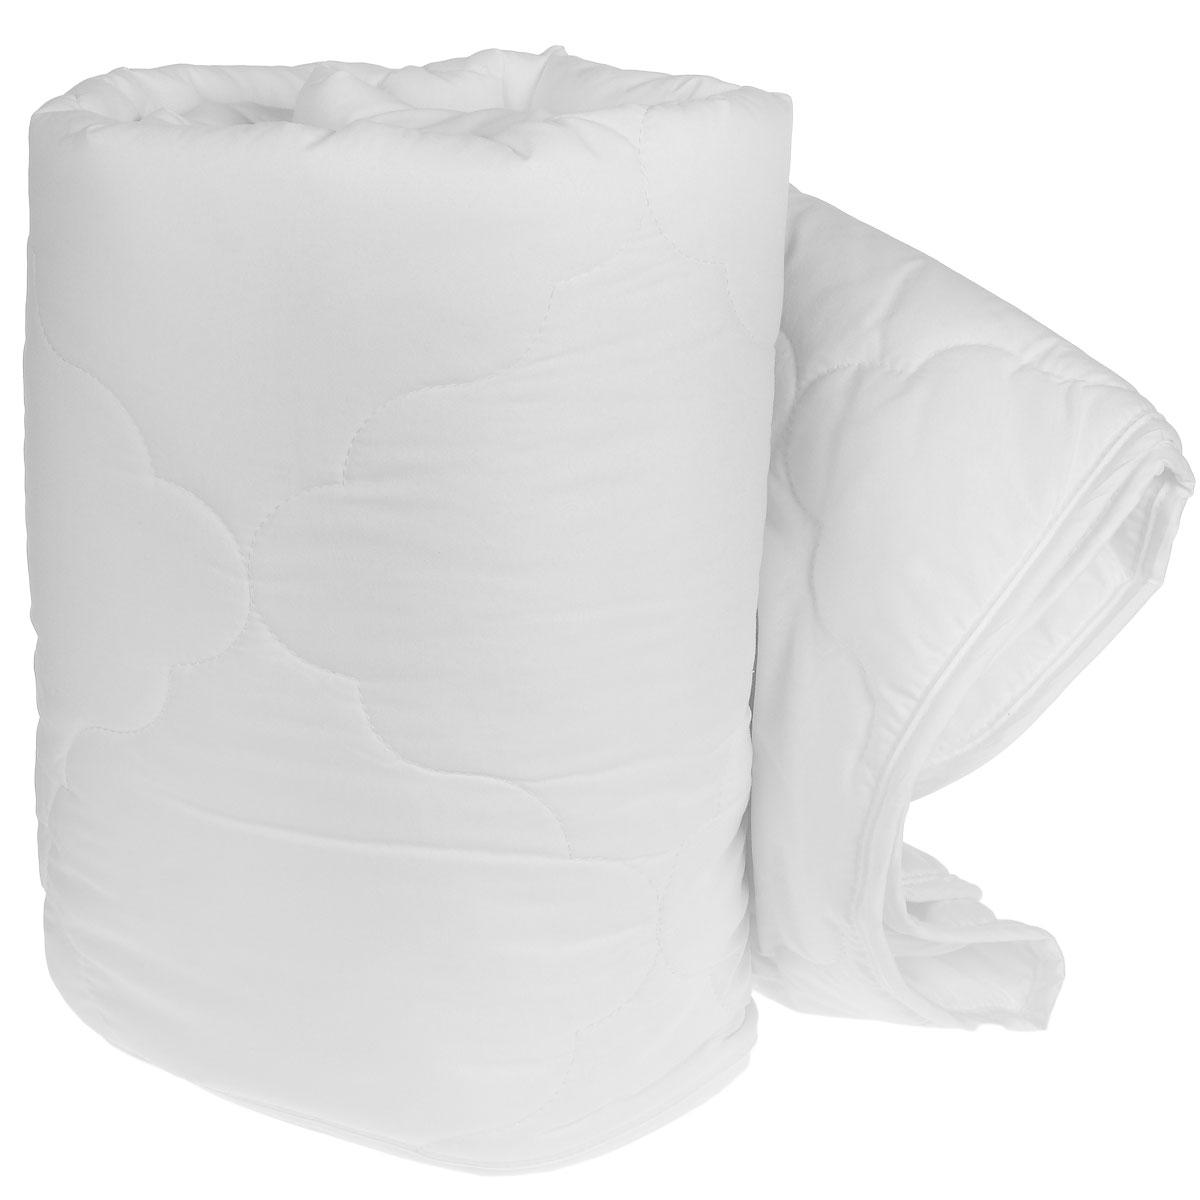 """Одеяло легкое """"Green Line"""", наполнитель: бамбуковое волокно, цвет: белый, 172 х 205 см"""